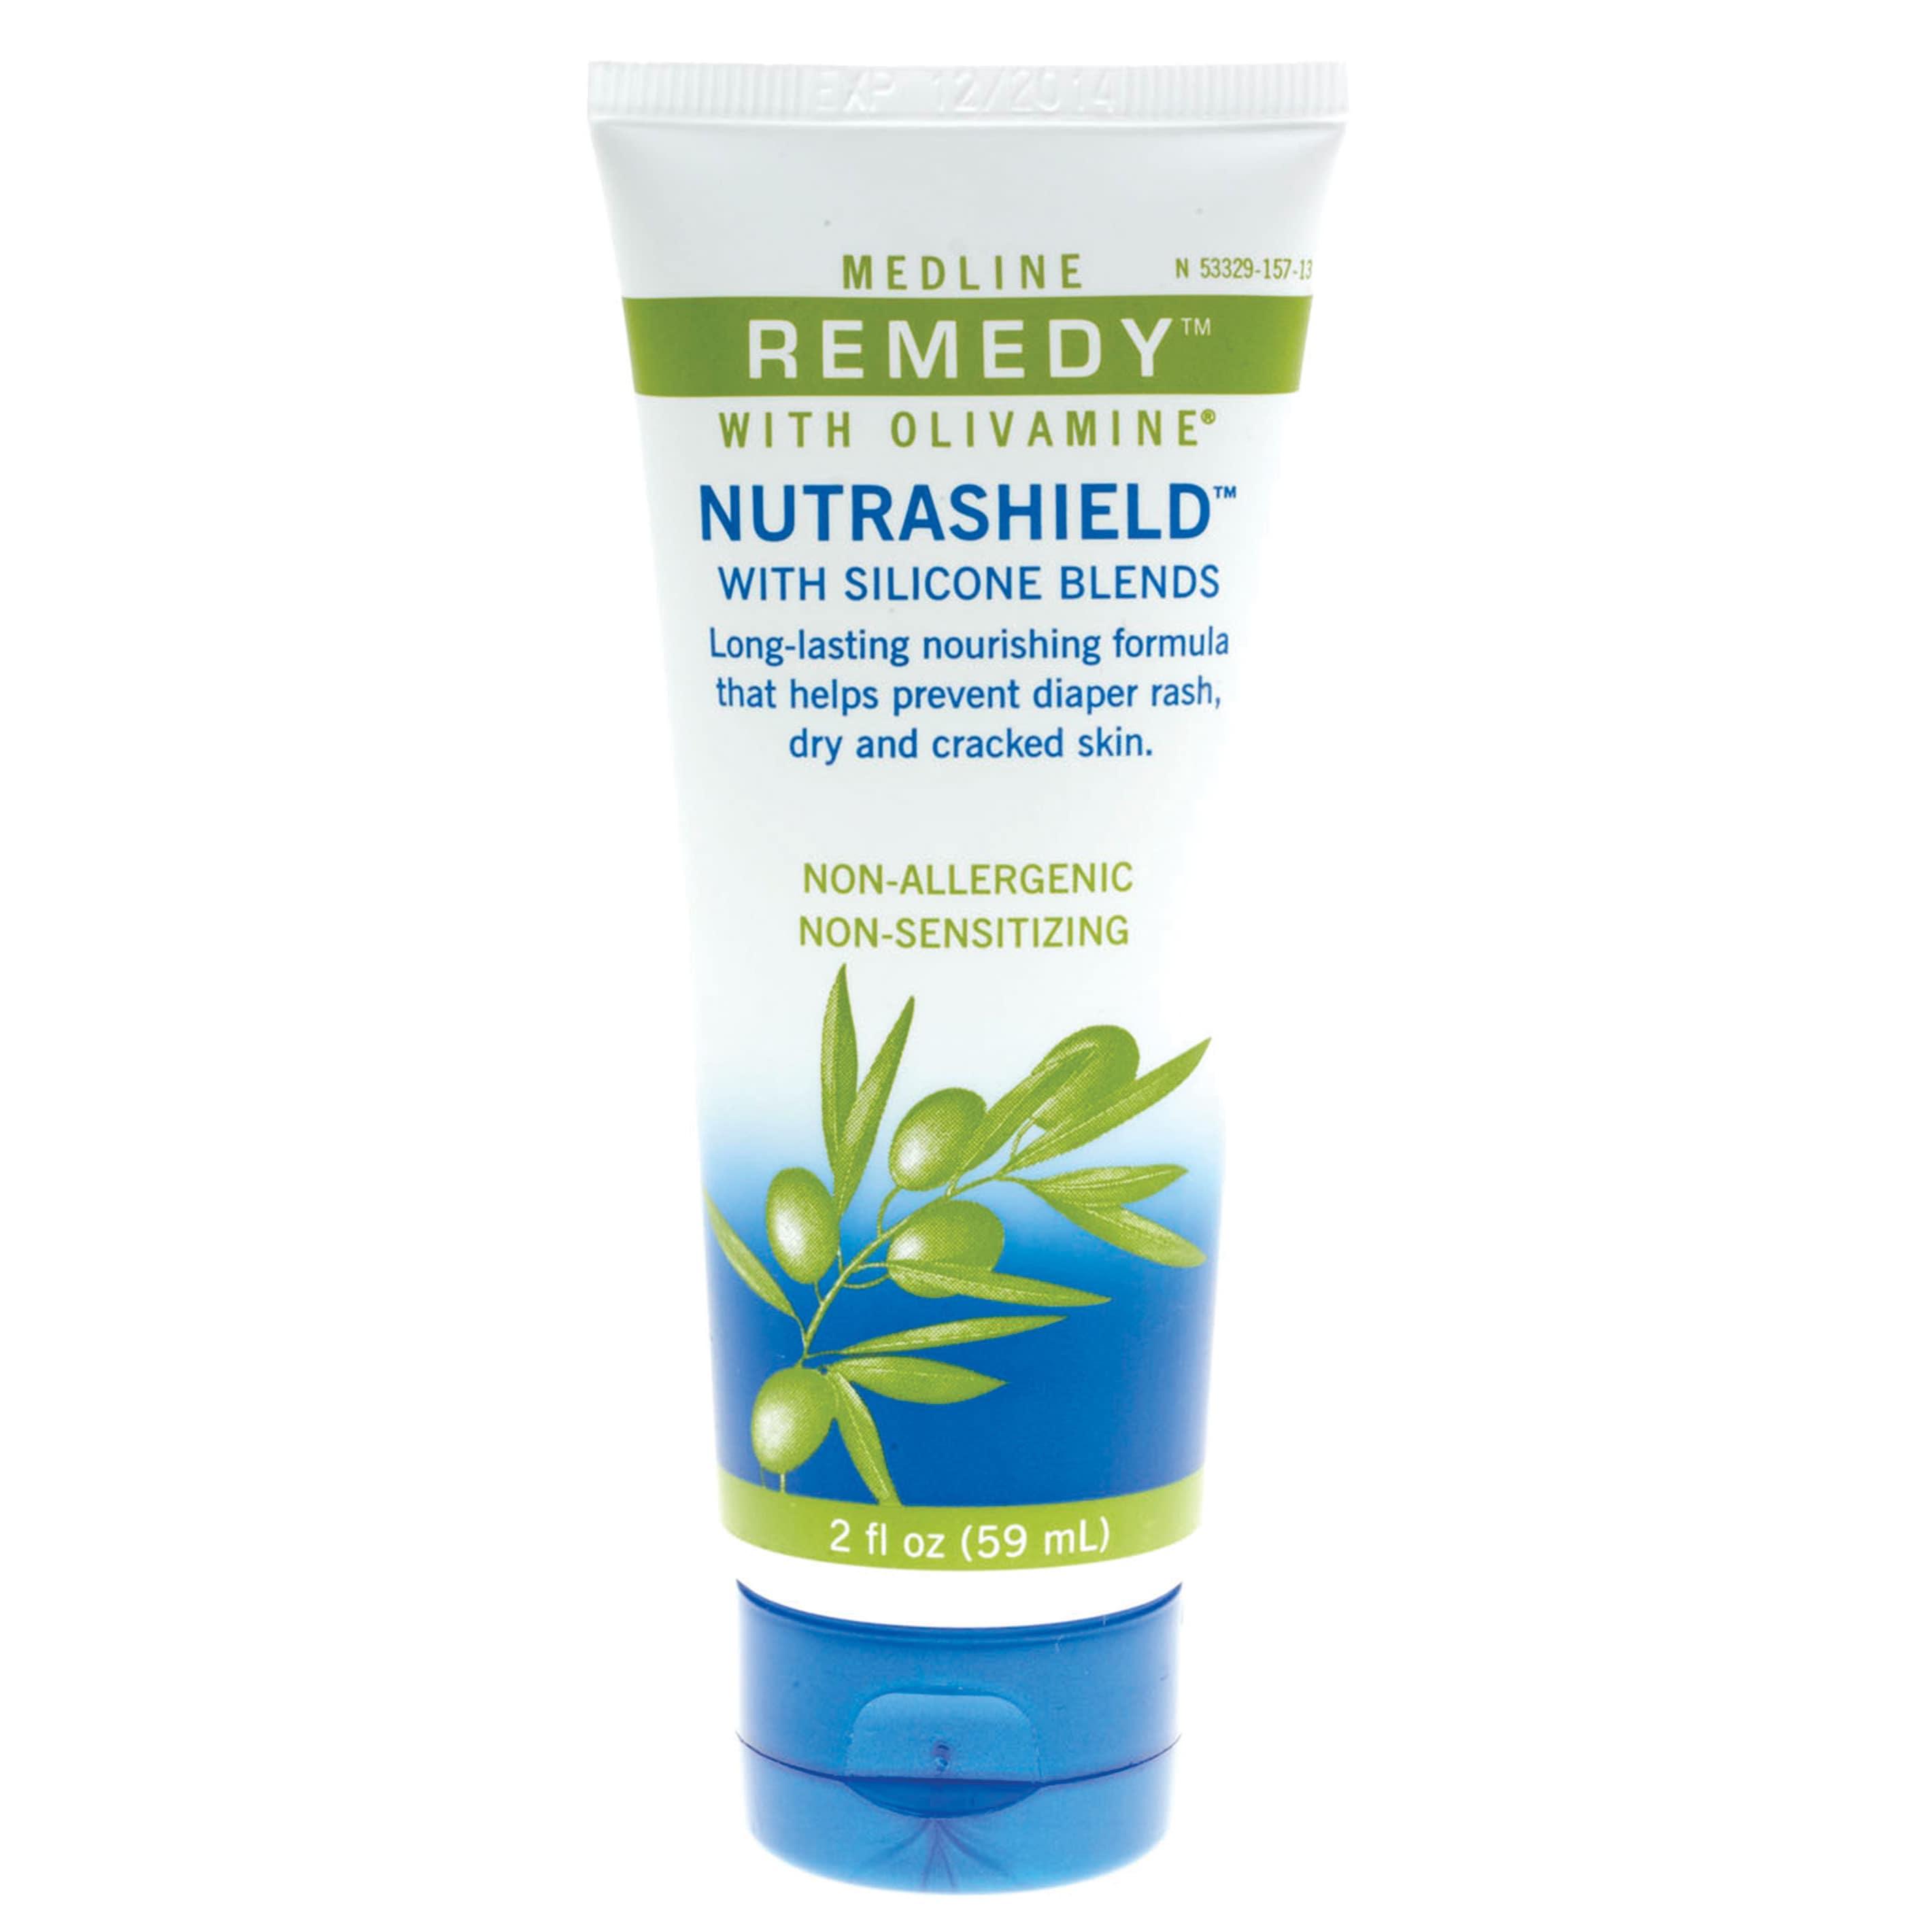 medline Remedy Olivamine Nutrashield Skin Protectant, 2-o...